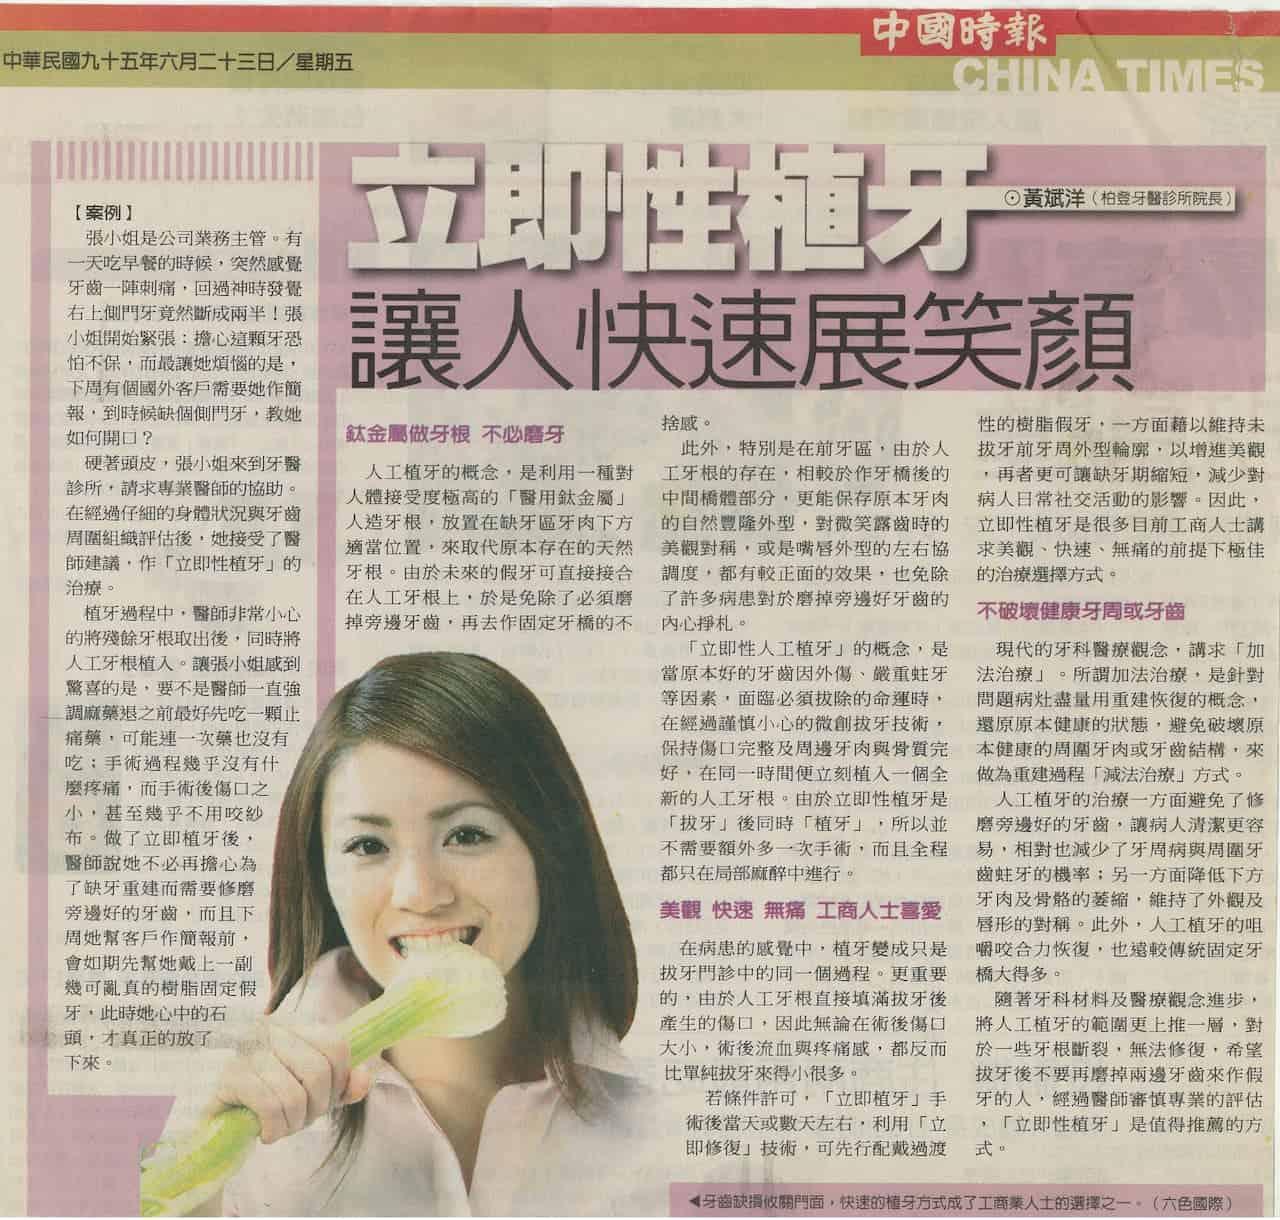 立即性植牙讓人快速展笑顏-中國時報-柏登牙醫人工植牙知識